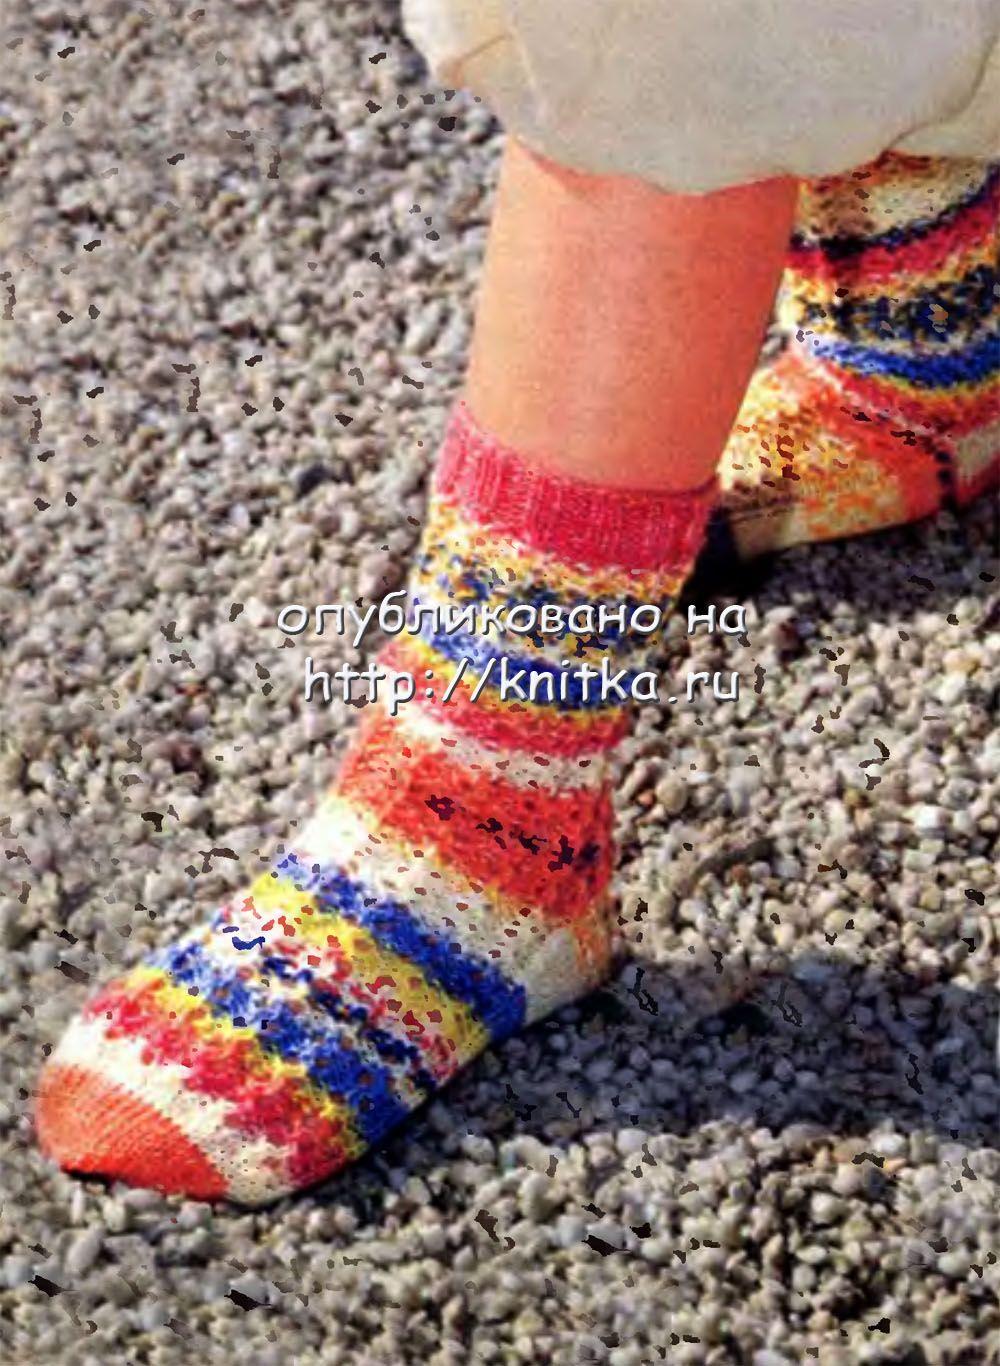 Носки, связанные спицами поперек